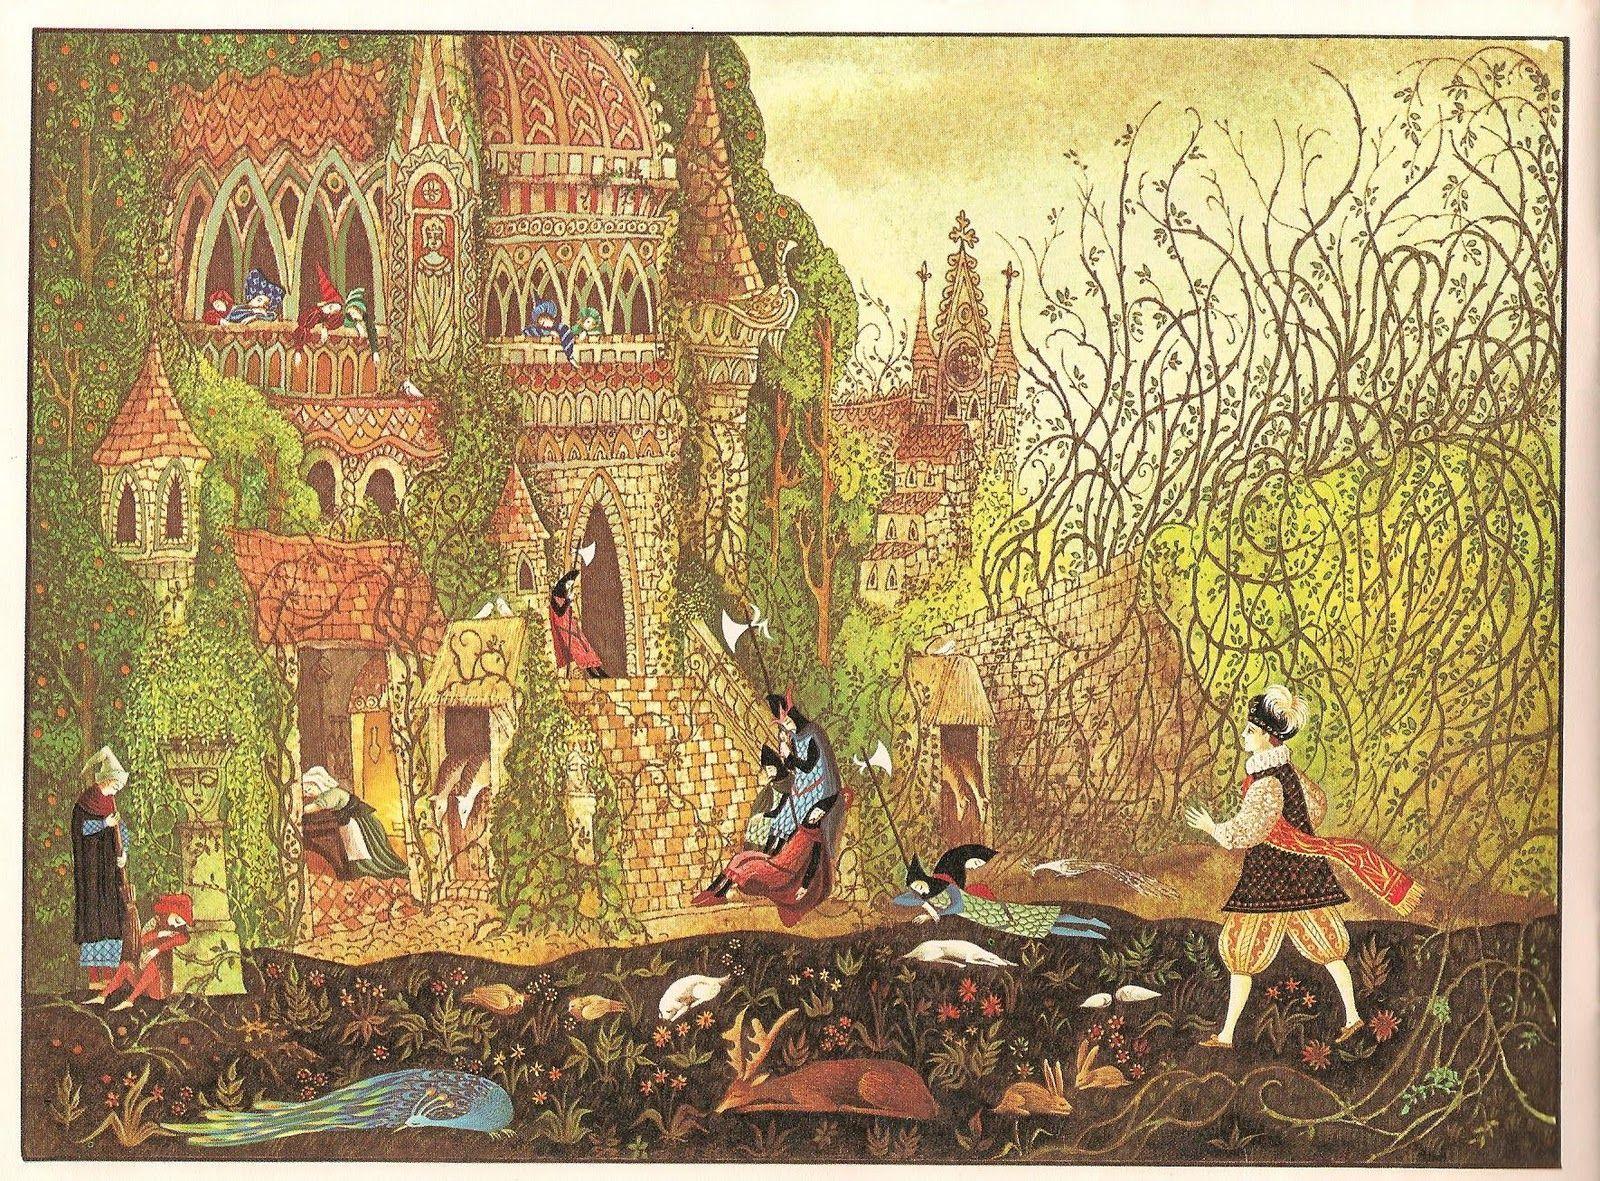 иллюстрации к сказке шиповничек утверждают